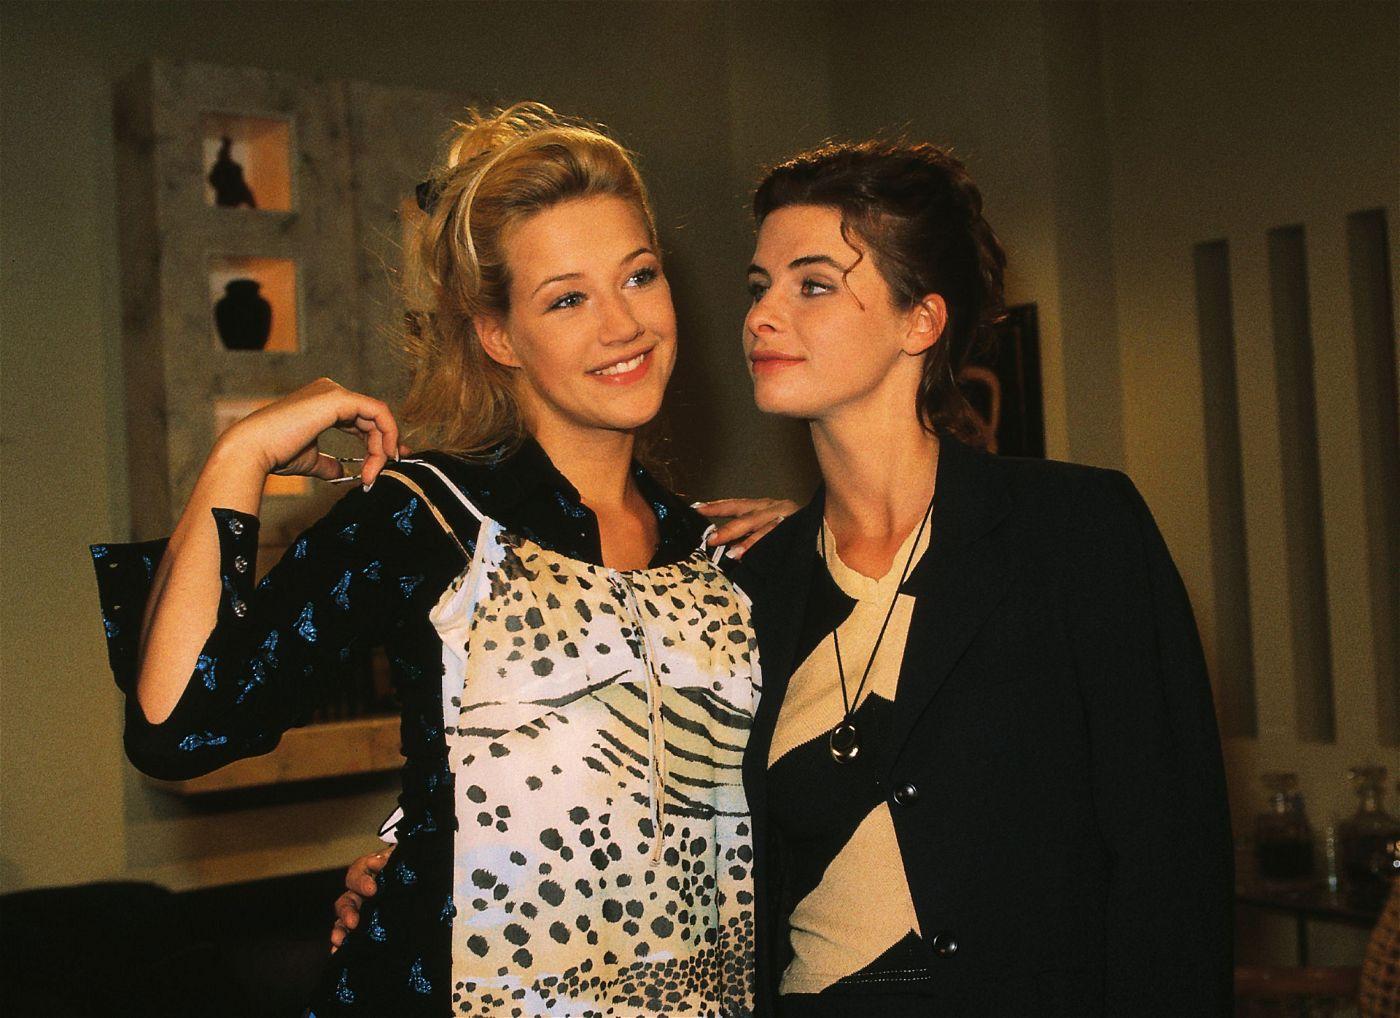 """Schauspielerin Alexandra Neldel, hier links im Bild, zeigte sich im Juli 1997 nackt im """"Playboy""""."""